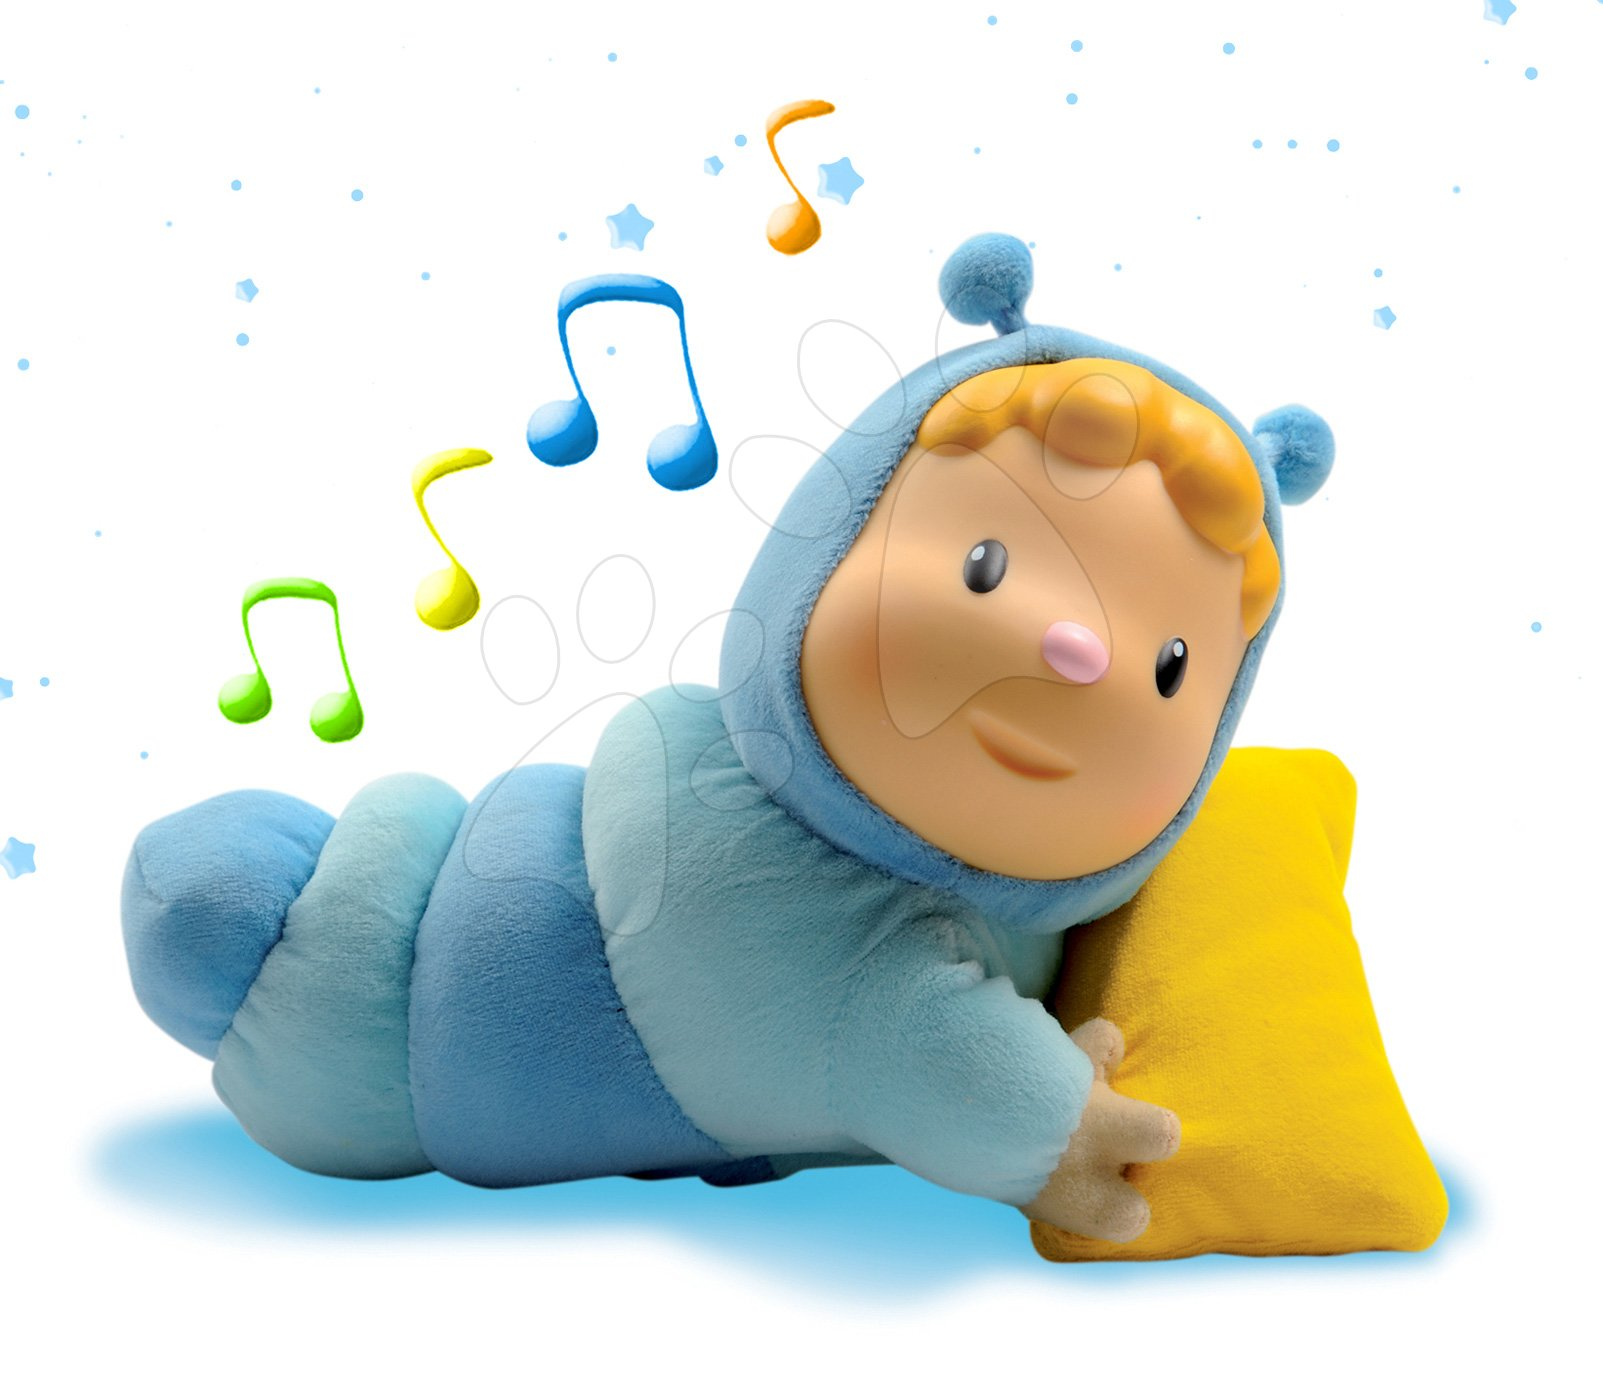 Legkisebbek játékai - Világító baba párnával Cotoons Chowing Smoby kisbabáknak kék